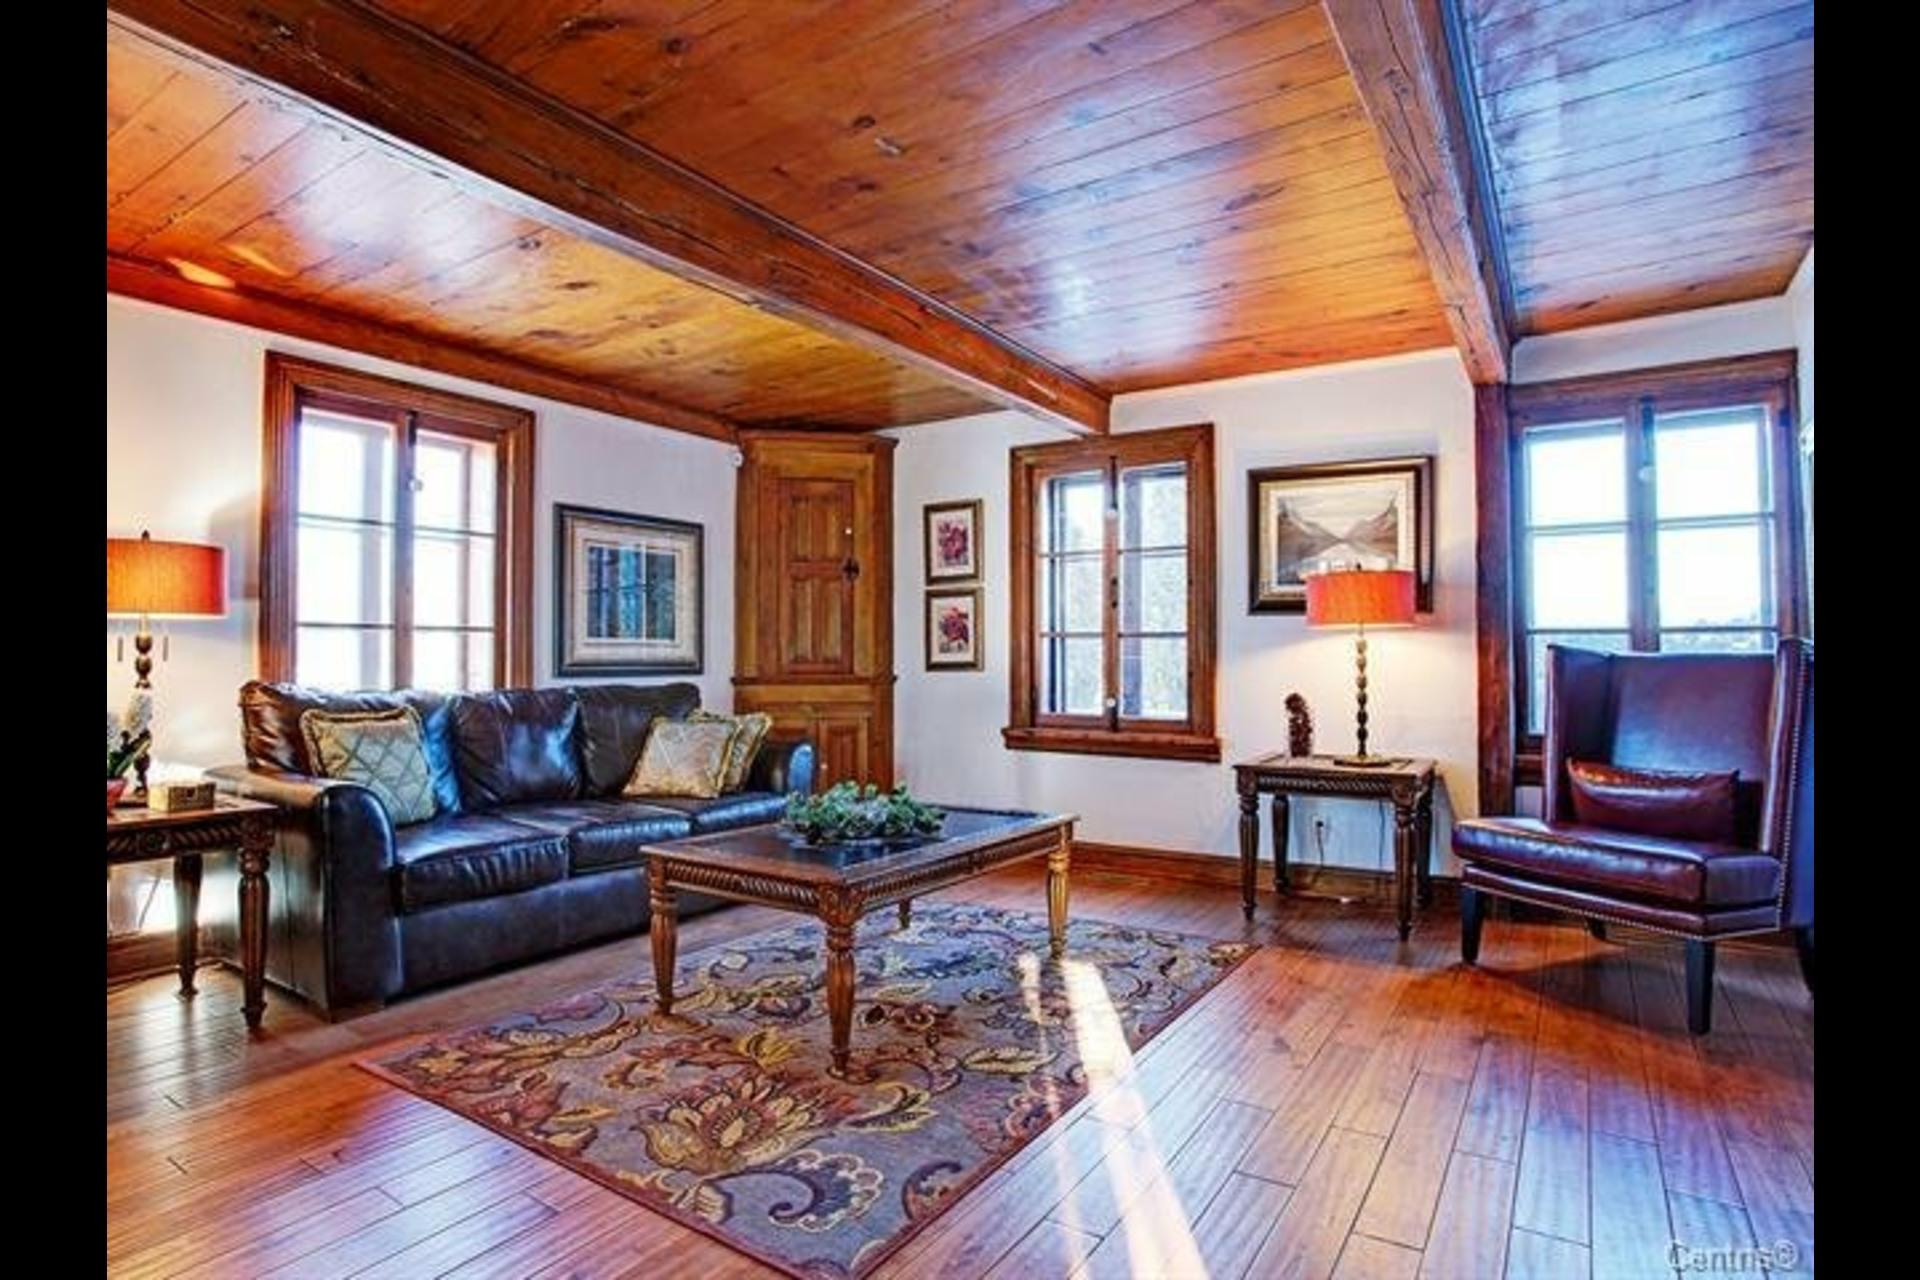 image 4 - MX - Casa sola - MX En venta Vaudreuil-Dorion - 12 habitaciones